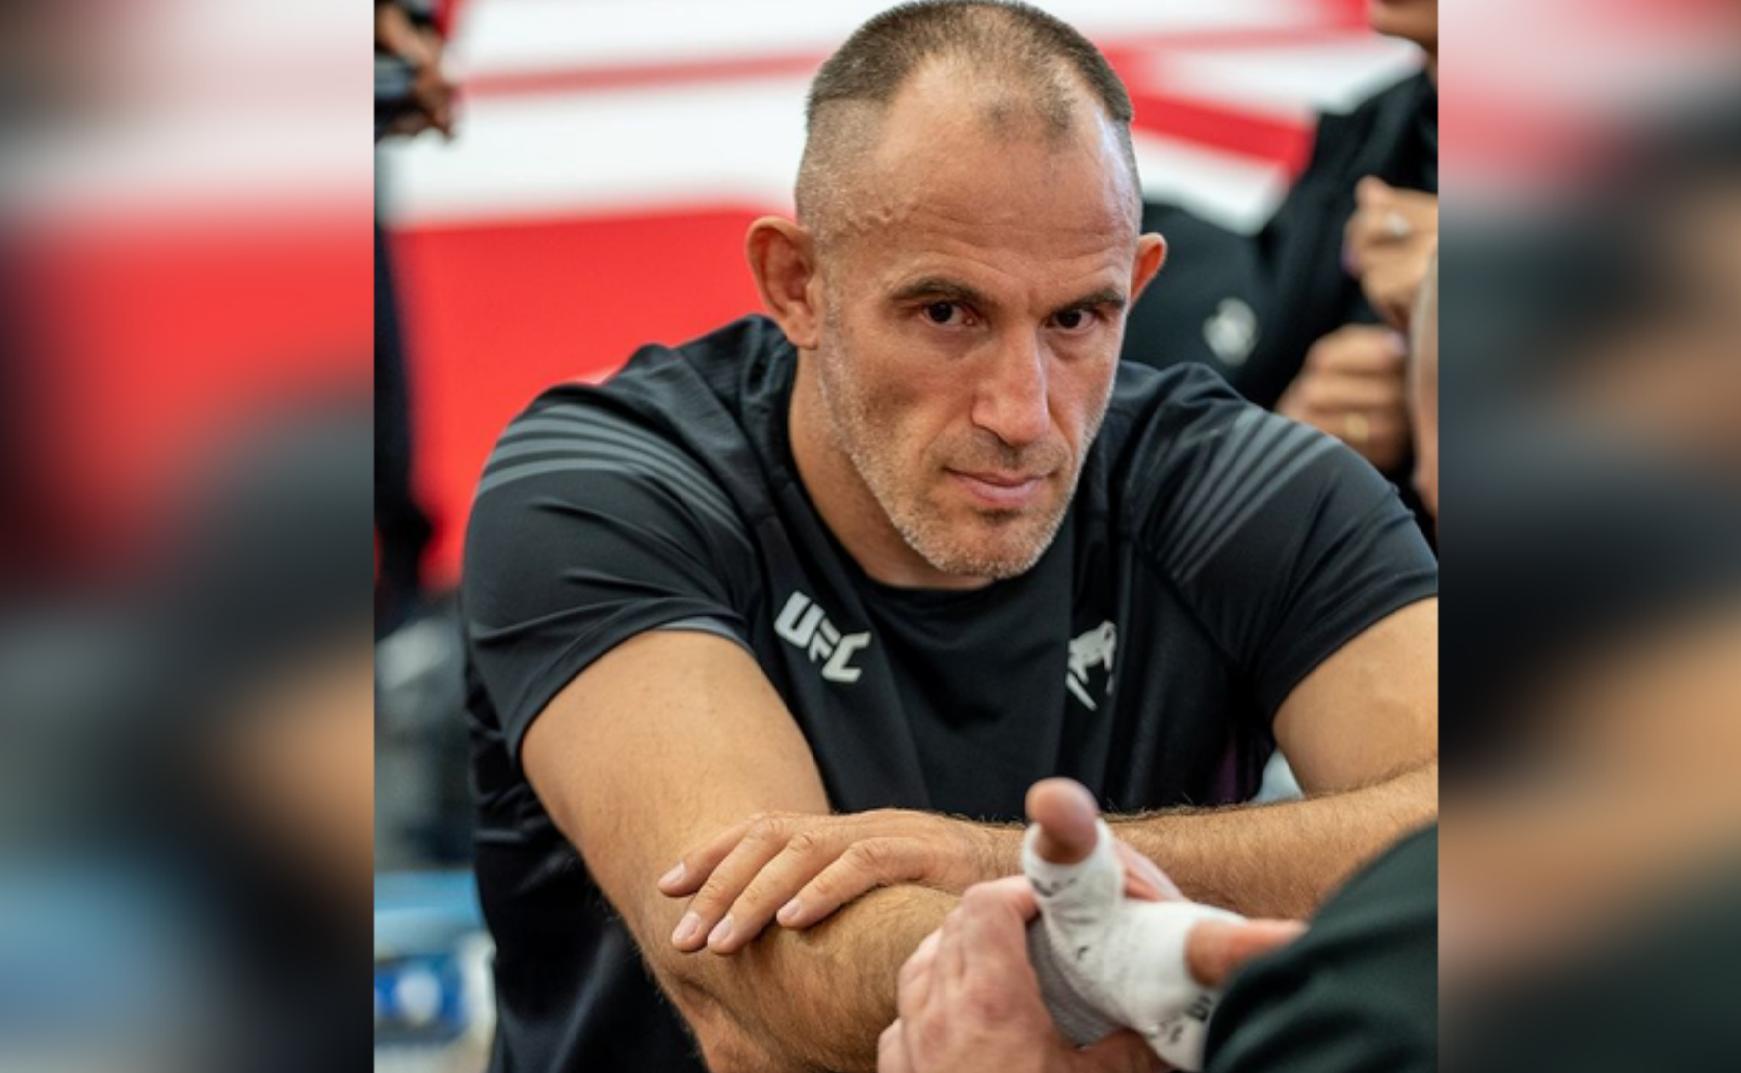 Лучший, несмотря ни на что: Российский боец Олейник проиграл на турнире UFC